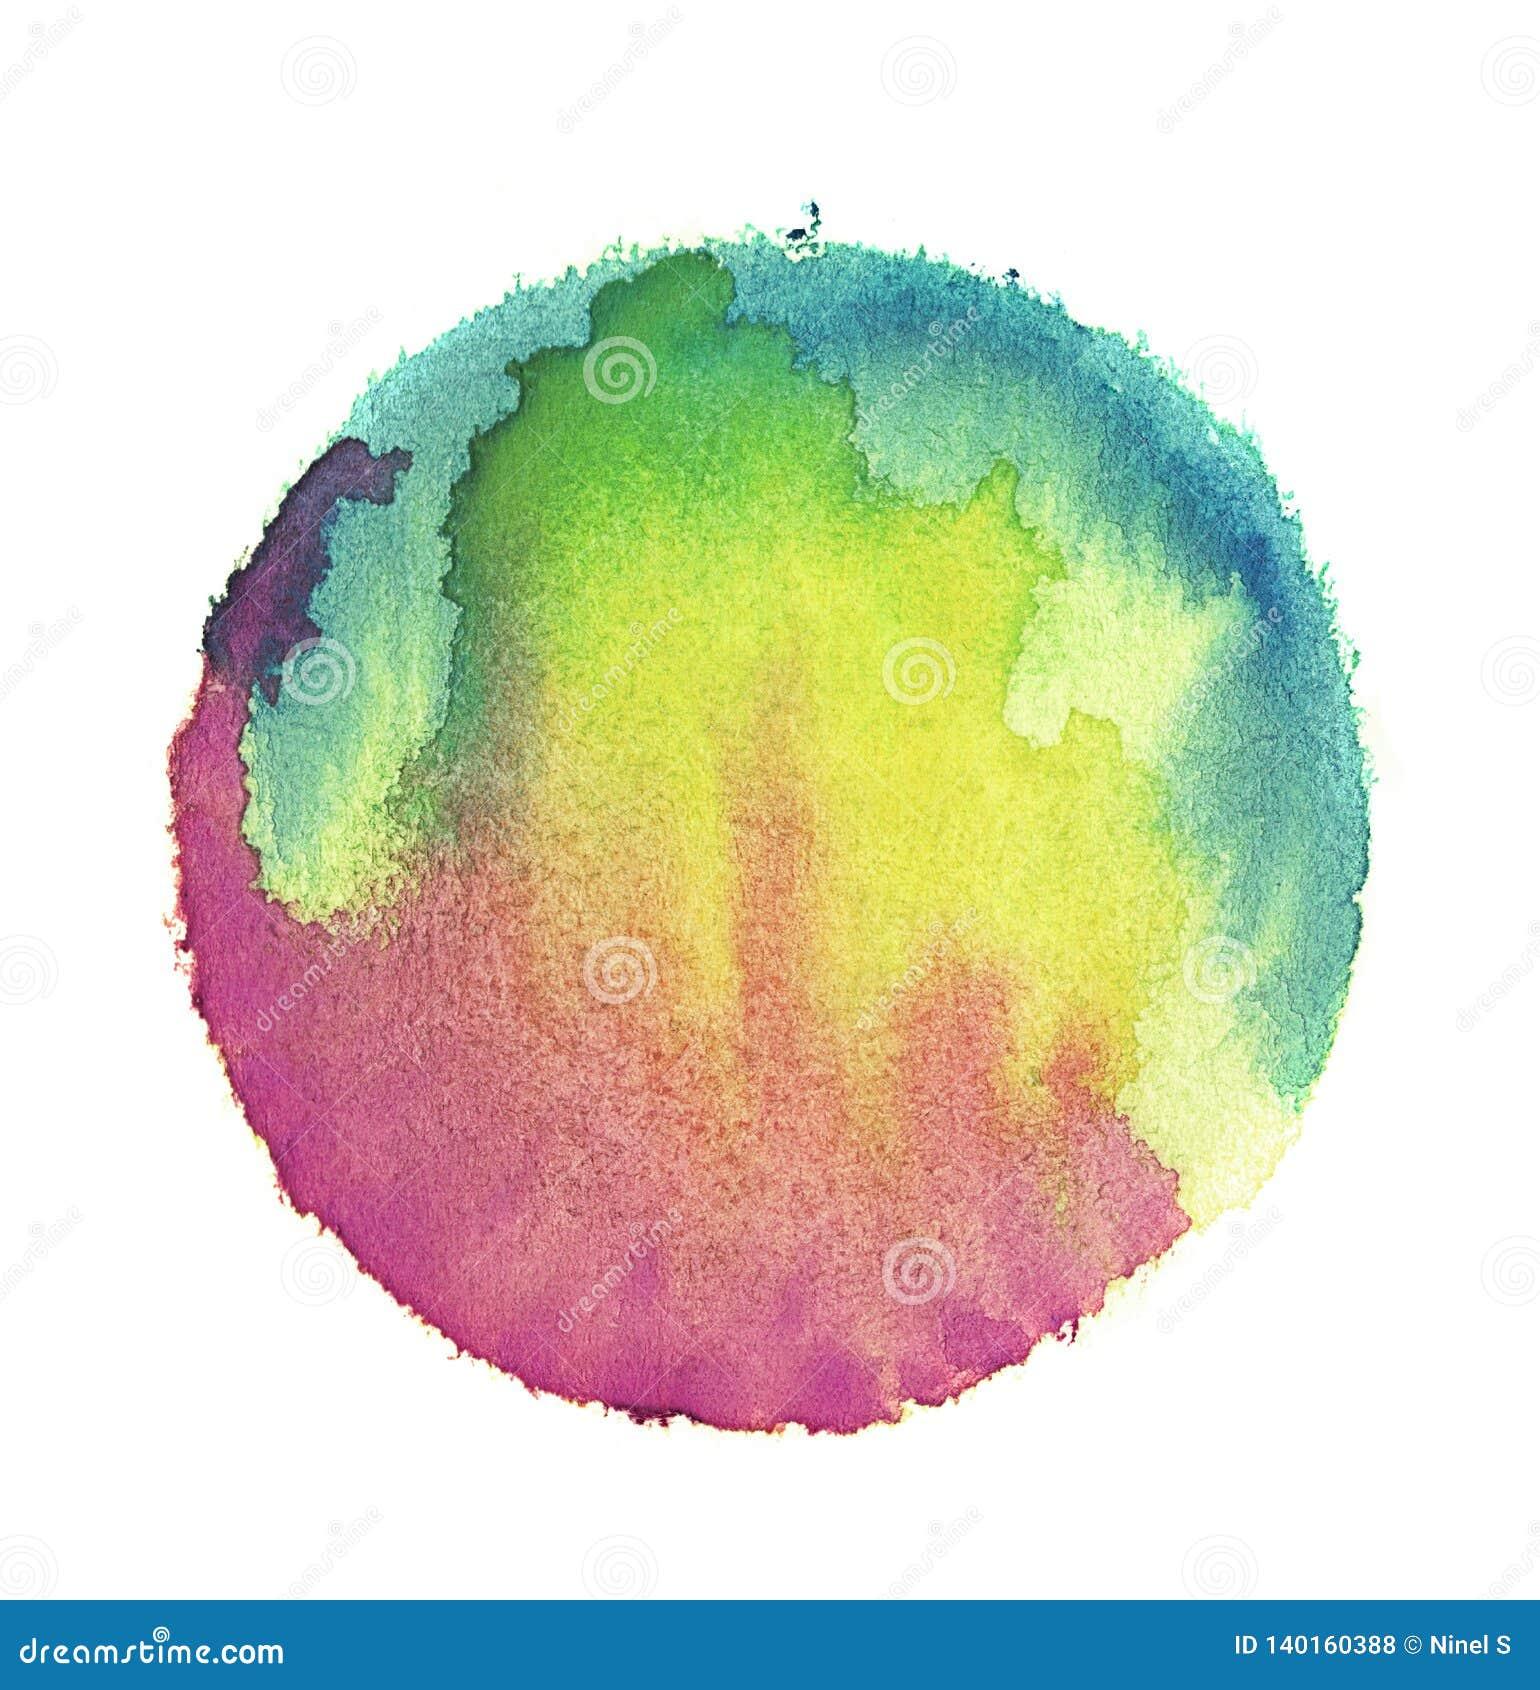 Sphère Colorée D'aquarelle Peinture Abstraite Peinture Bleue, Verte, Jaune  Et Magenta Texture Tachée Abstraite Multicolore De Bla Illustration Stock -  Illustration du création, retrait: 140160388